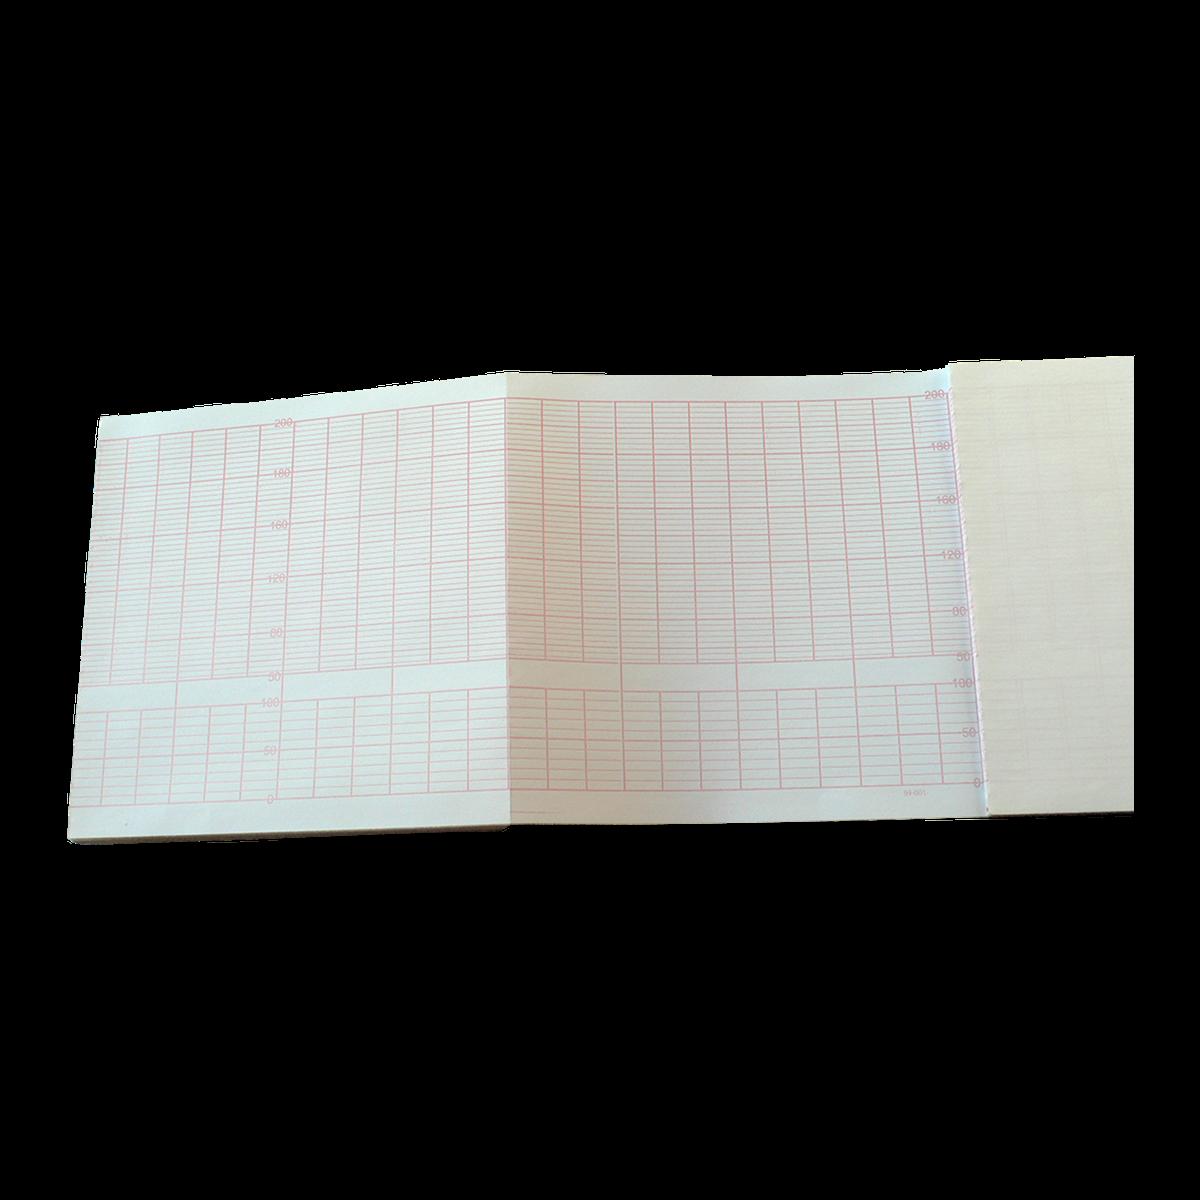 120х120х250, бумага для КТГ BIOSYS IFM-500, реестр 4047/1